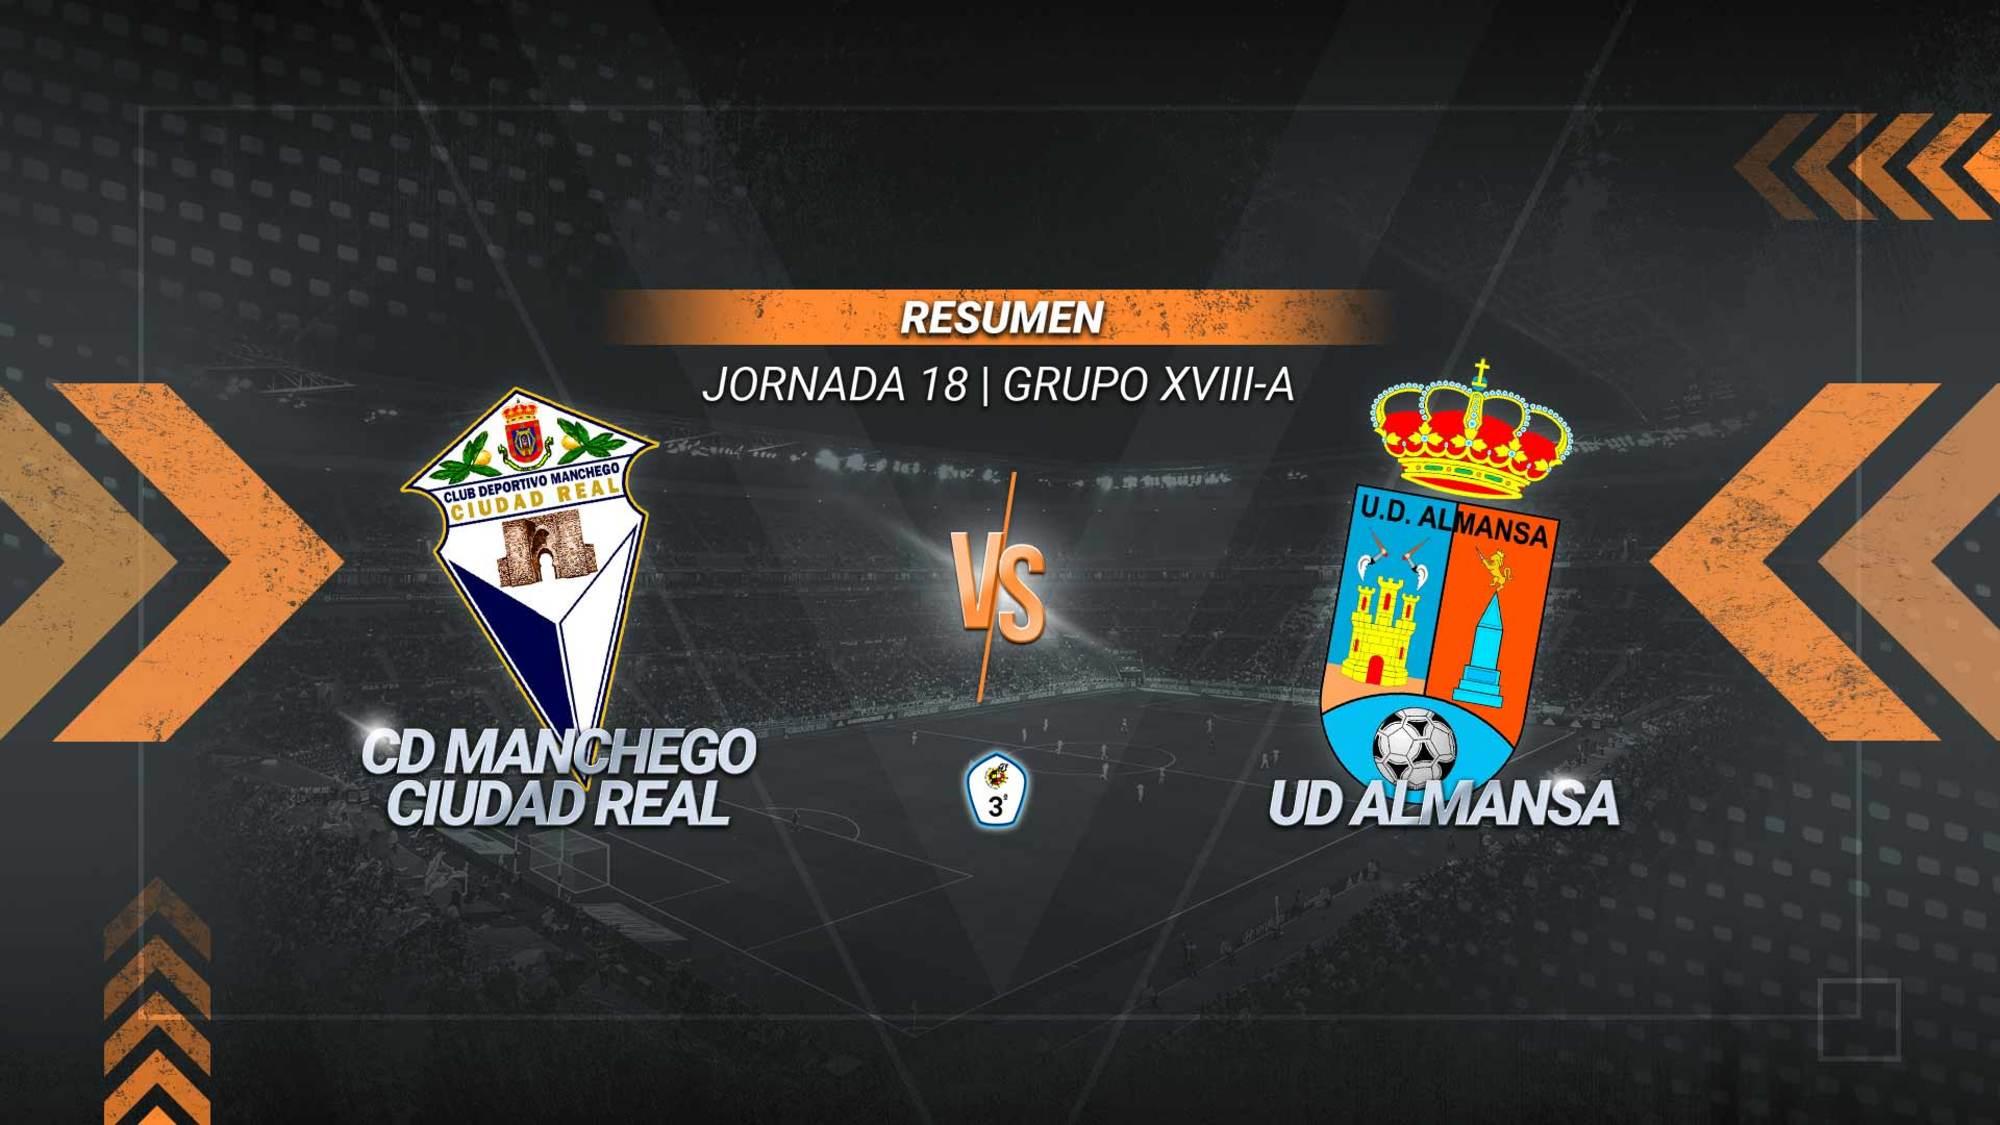 El Almansa rasca un empate en Ciudad Real. Los almanseños supieron frenar al tercer clasificado para alcanzar los 16 puntos. El Manchego suma su segundo empate a cero de manera consecutiva, aunque se mantiene en los puestos de play-off.